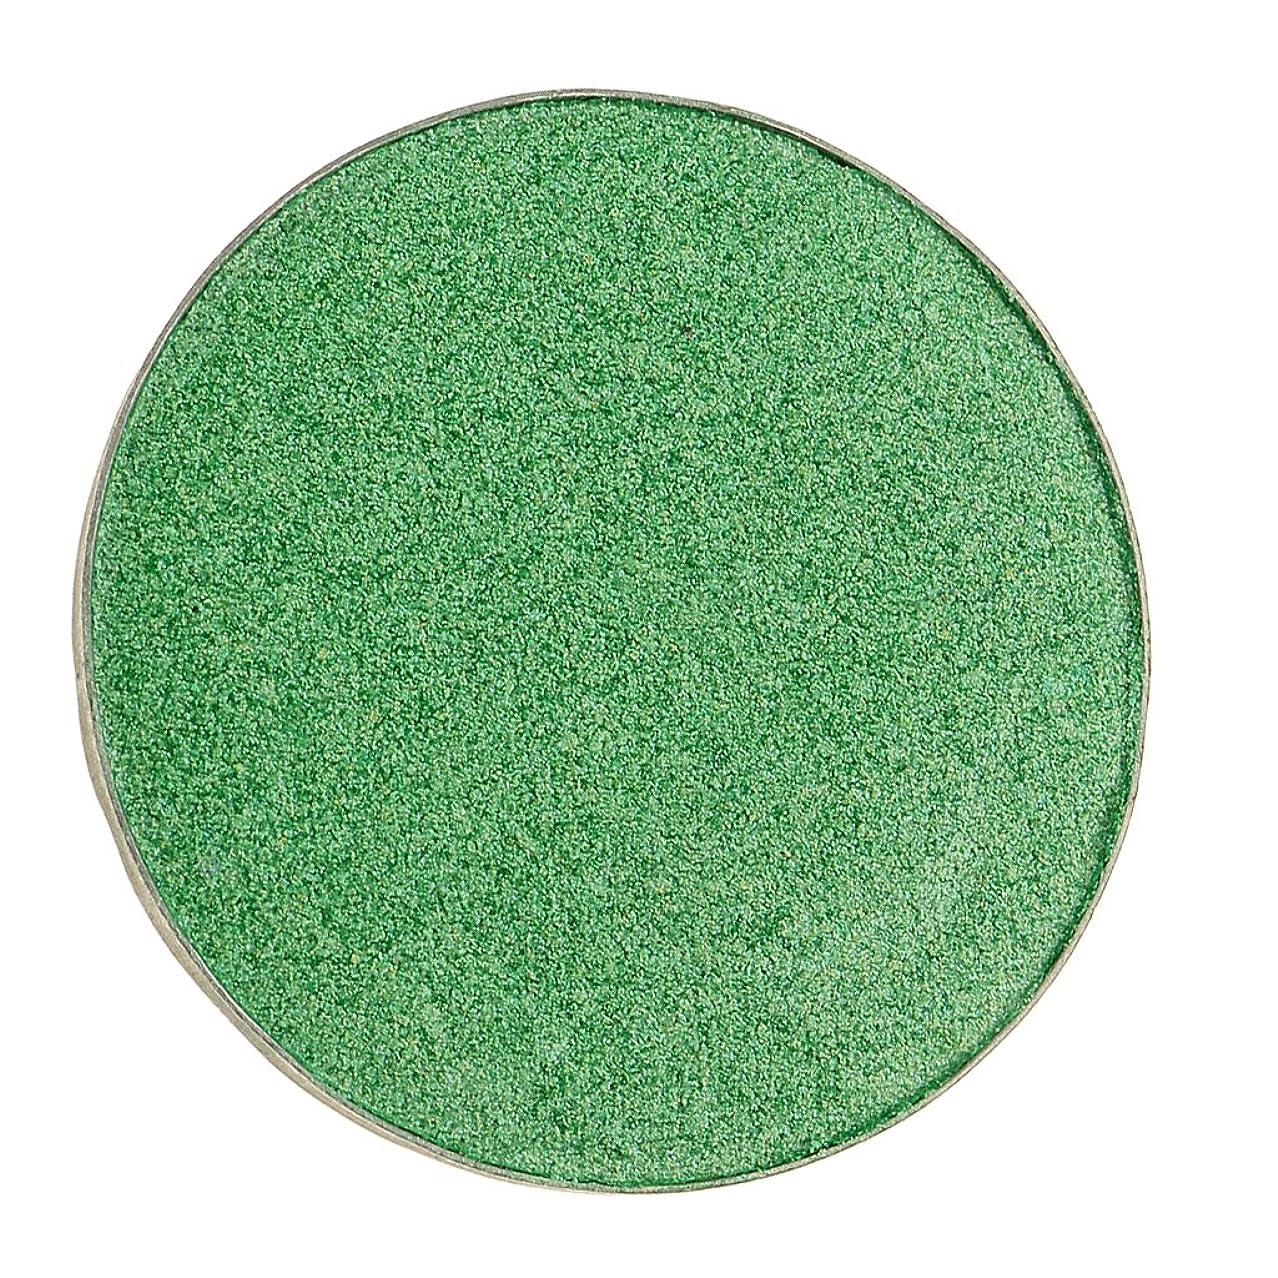 第メロン入浴Baosity 化粧品用 アイシャドウ ハイライター パレット マット シマー アイシャドーメイク 目 魅力的 全5色 - #38グリーン